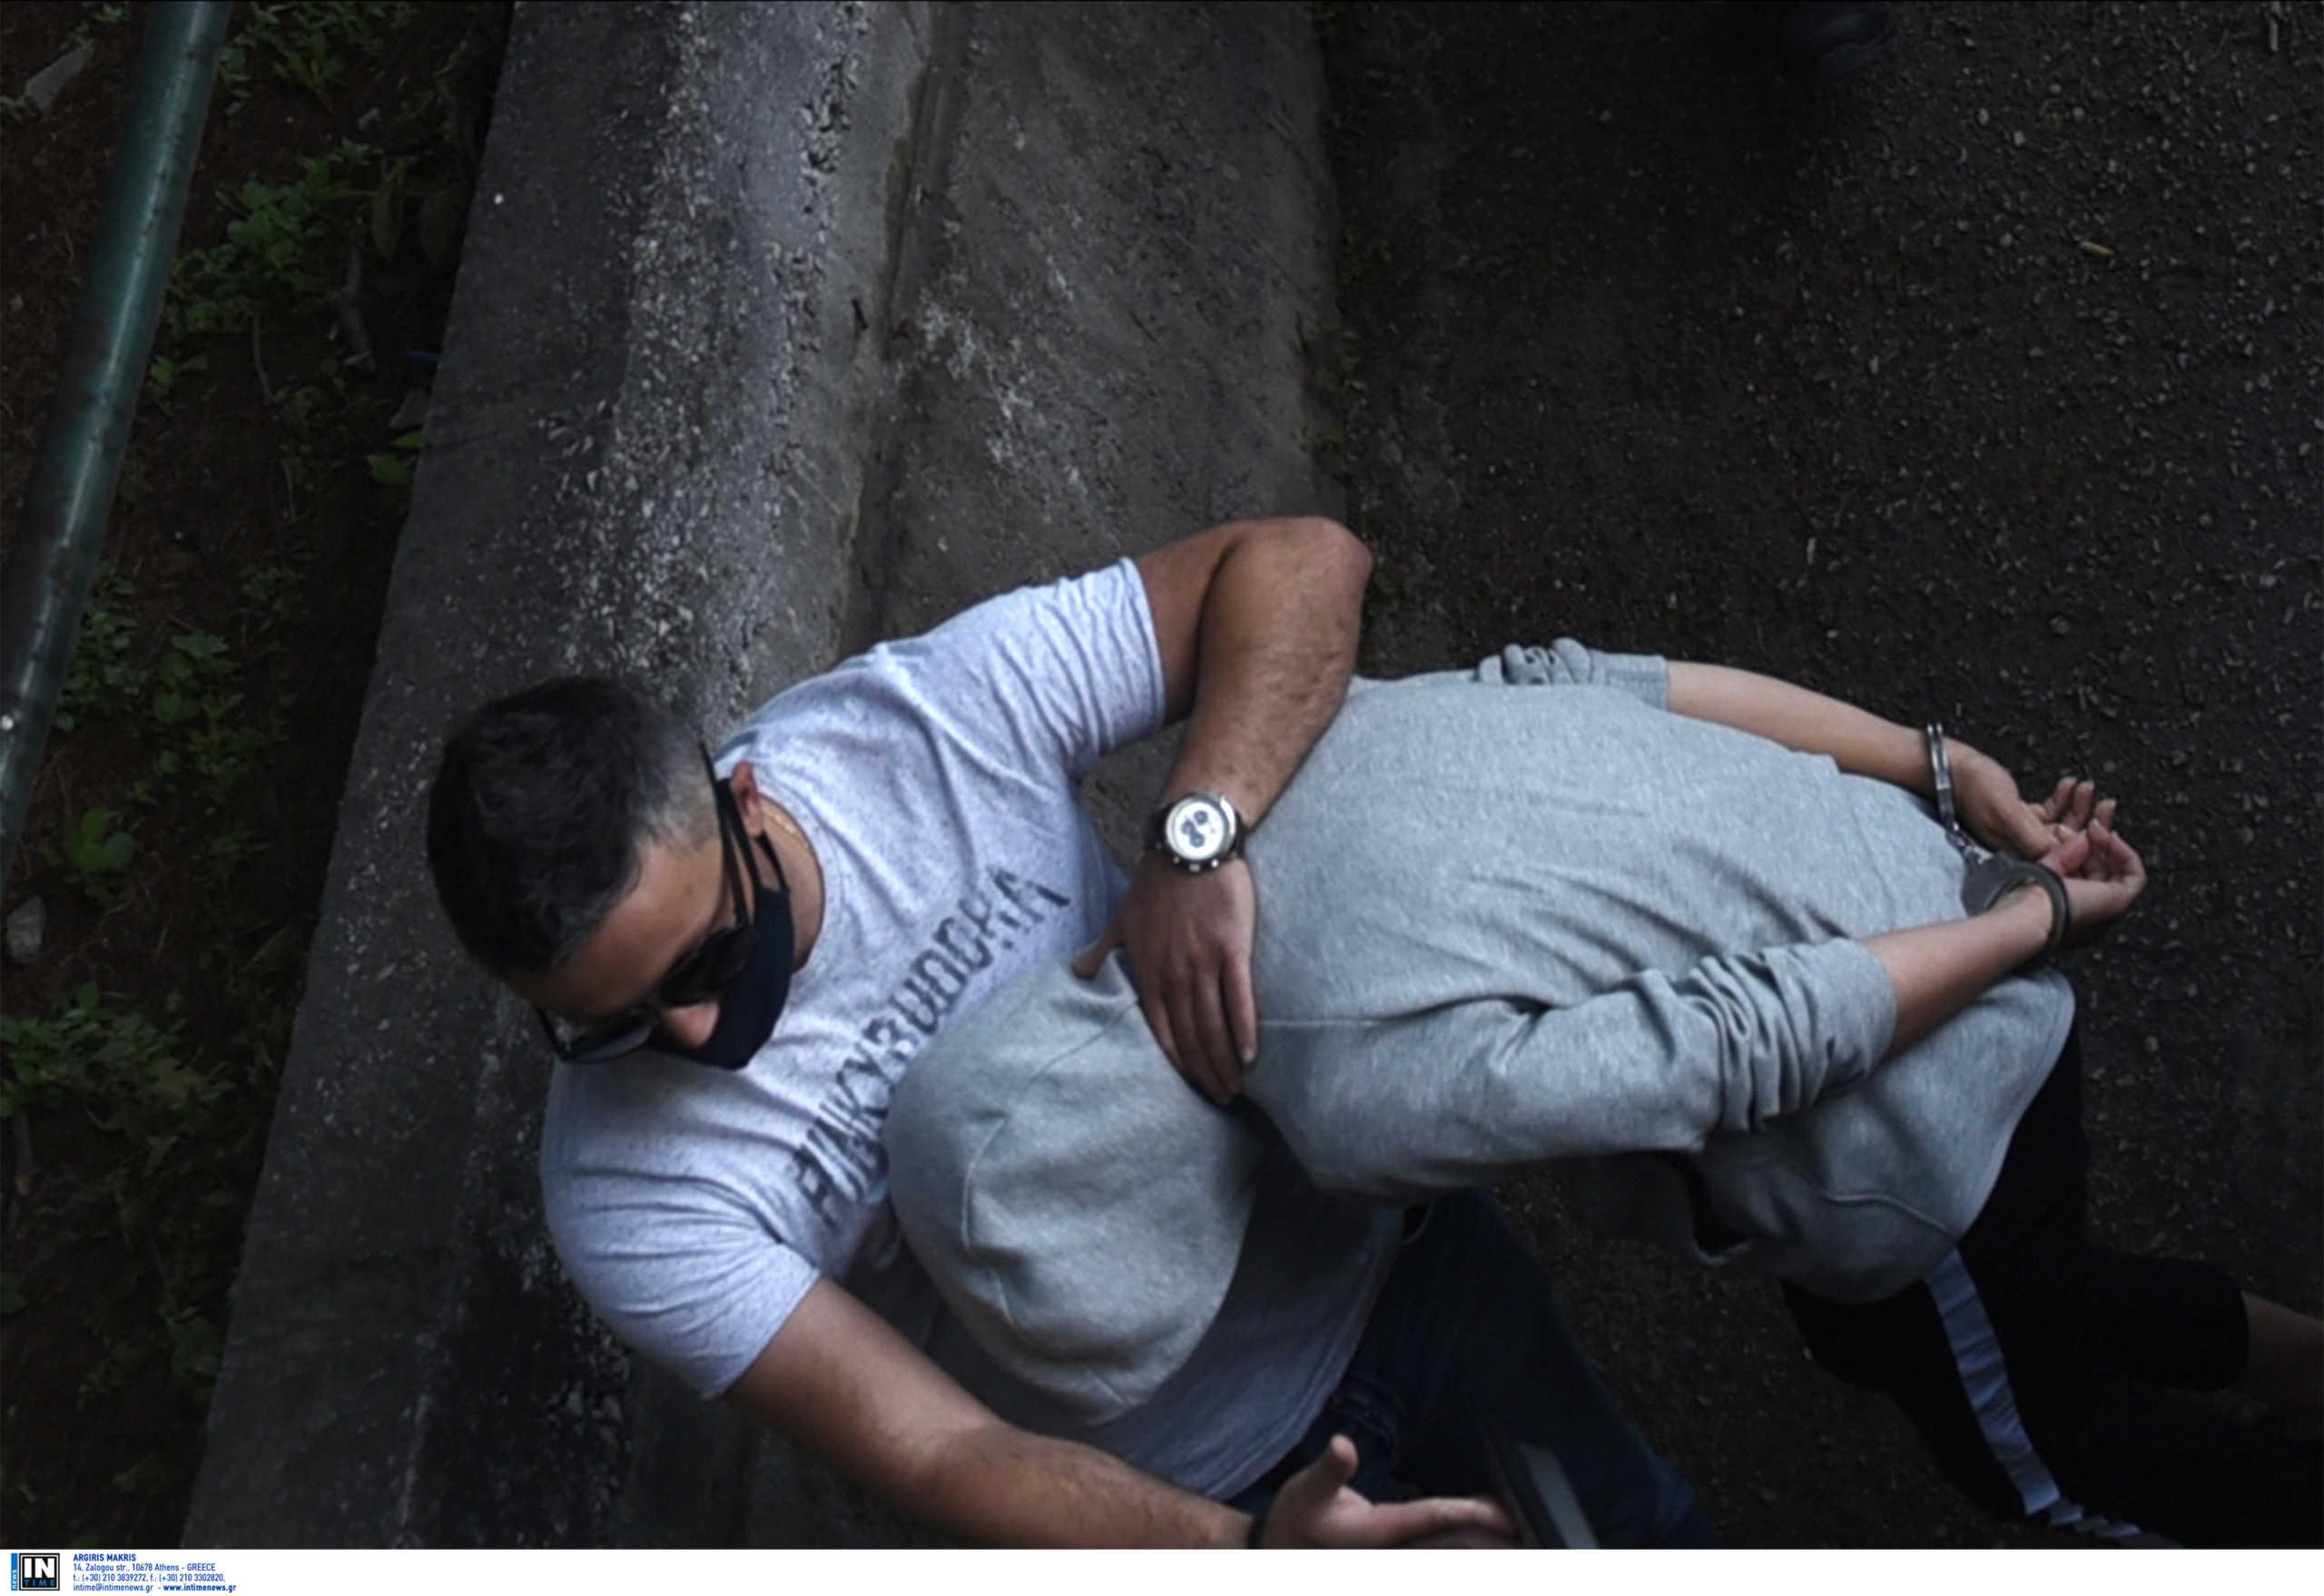 Θεσσαλονίκη: Επίθεση Νουλέζα στον Κούγια πριν την απολογία της 33χρονης για την απαγωγή της 10χρονης Μαρκέλλας (Βίντεο)